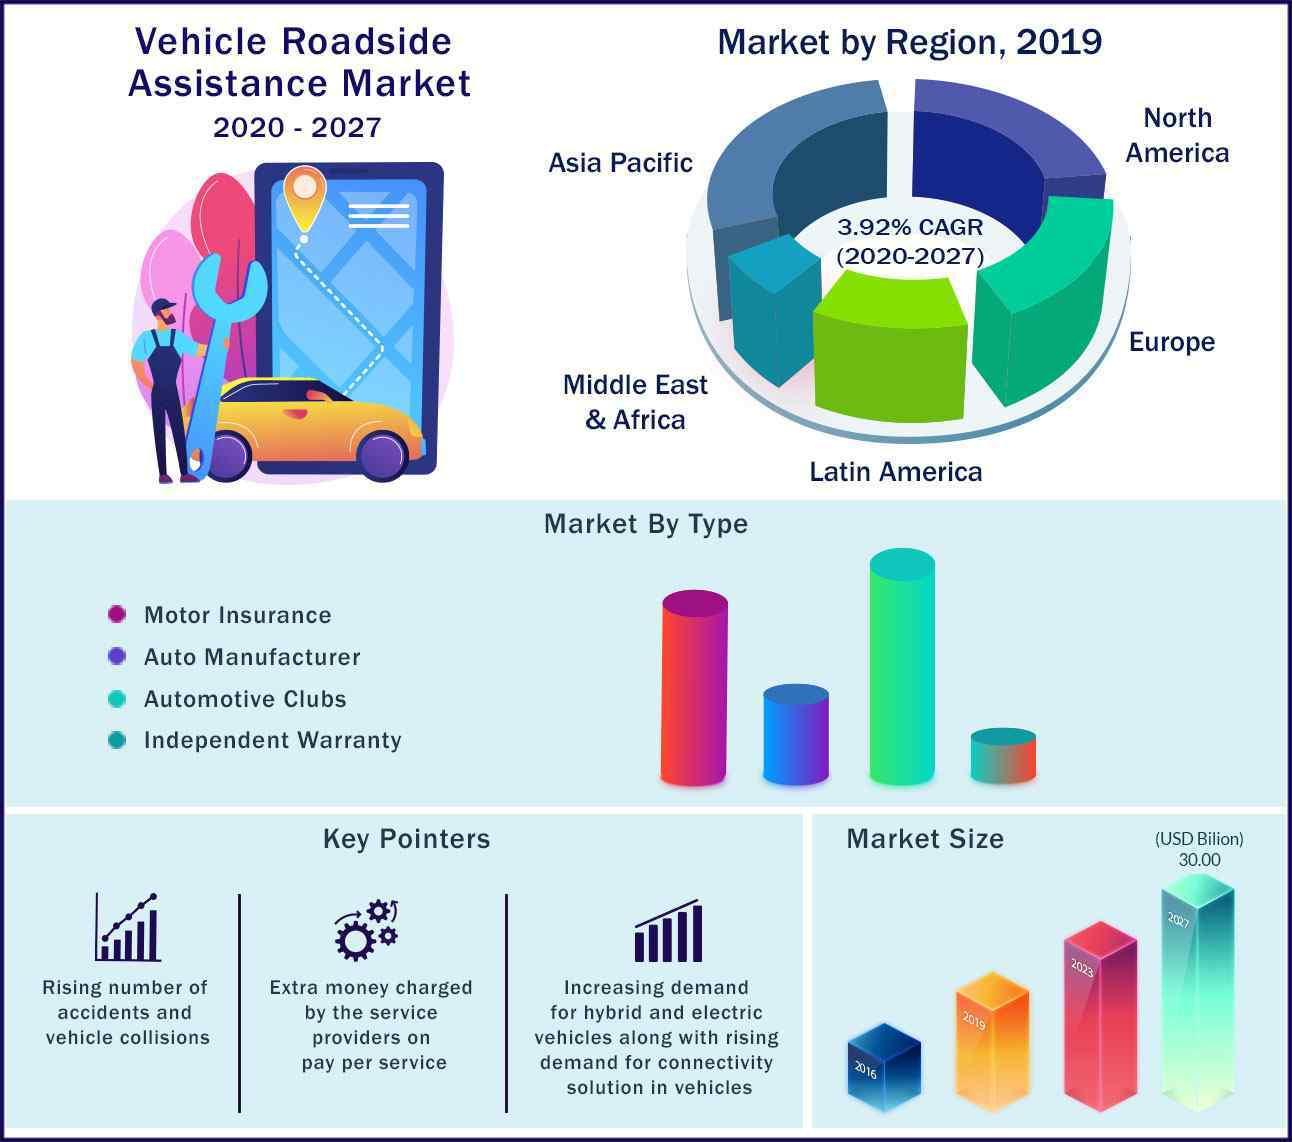 Global Vehicle Roadside Assistance Market 2020-2027